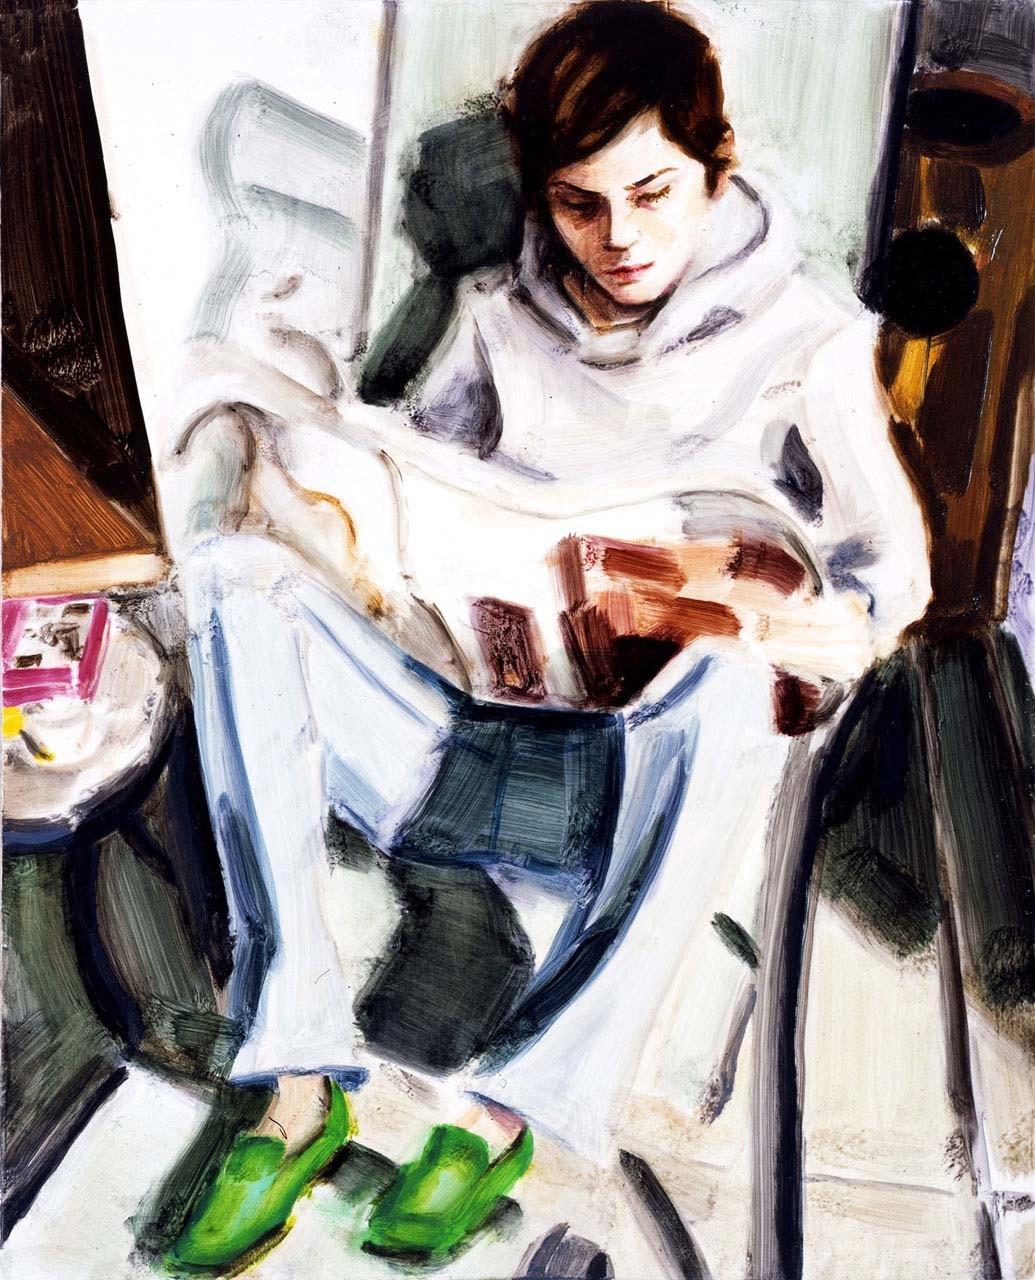 """<div class=""""artwork_caption""""><p>EP Reading (Self-Portrait), 2005</p></div>"""